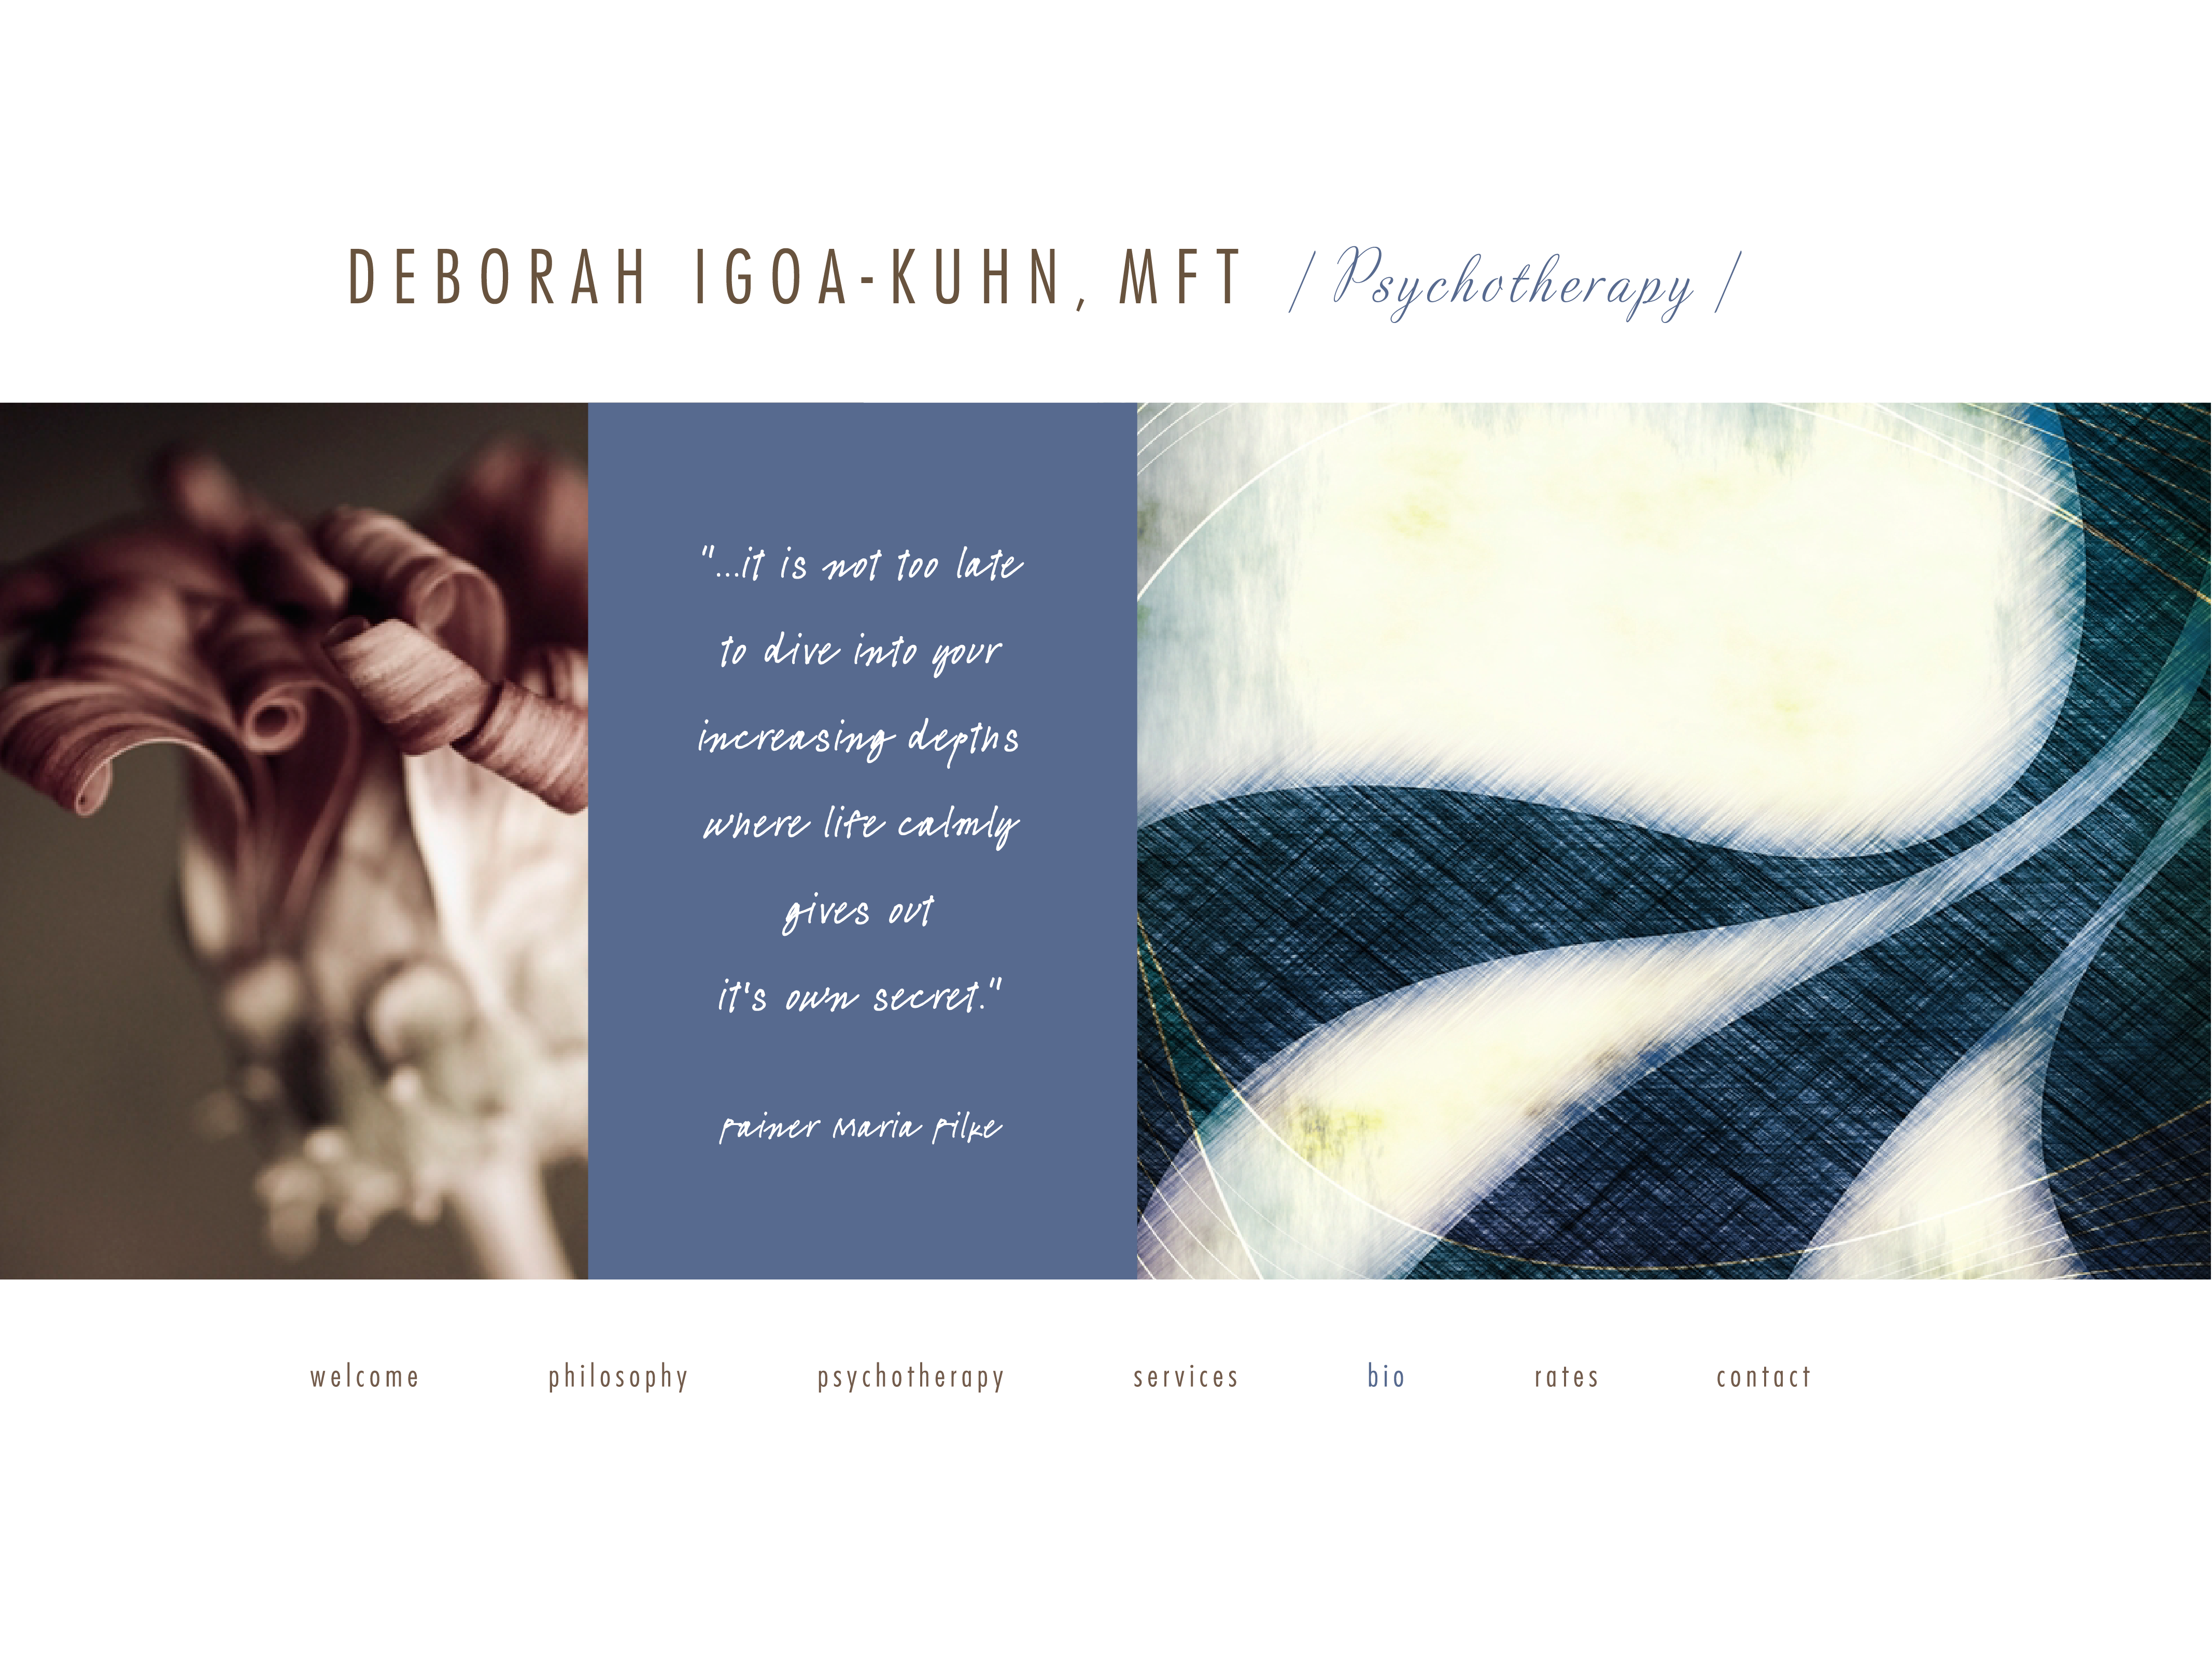 DEBORAH IGOA-KUHN, MFT